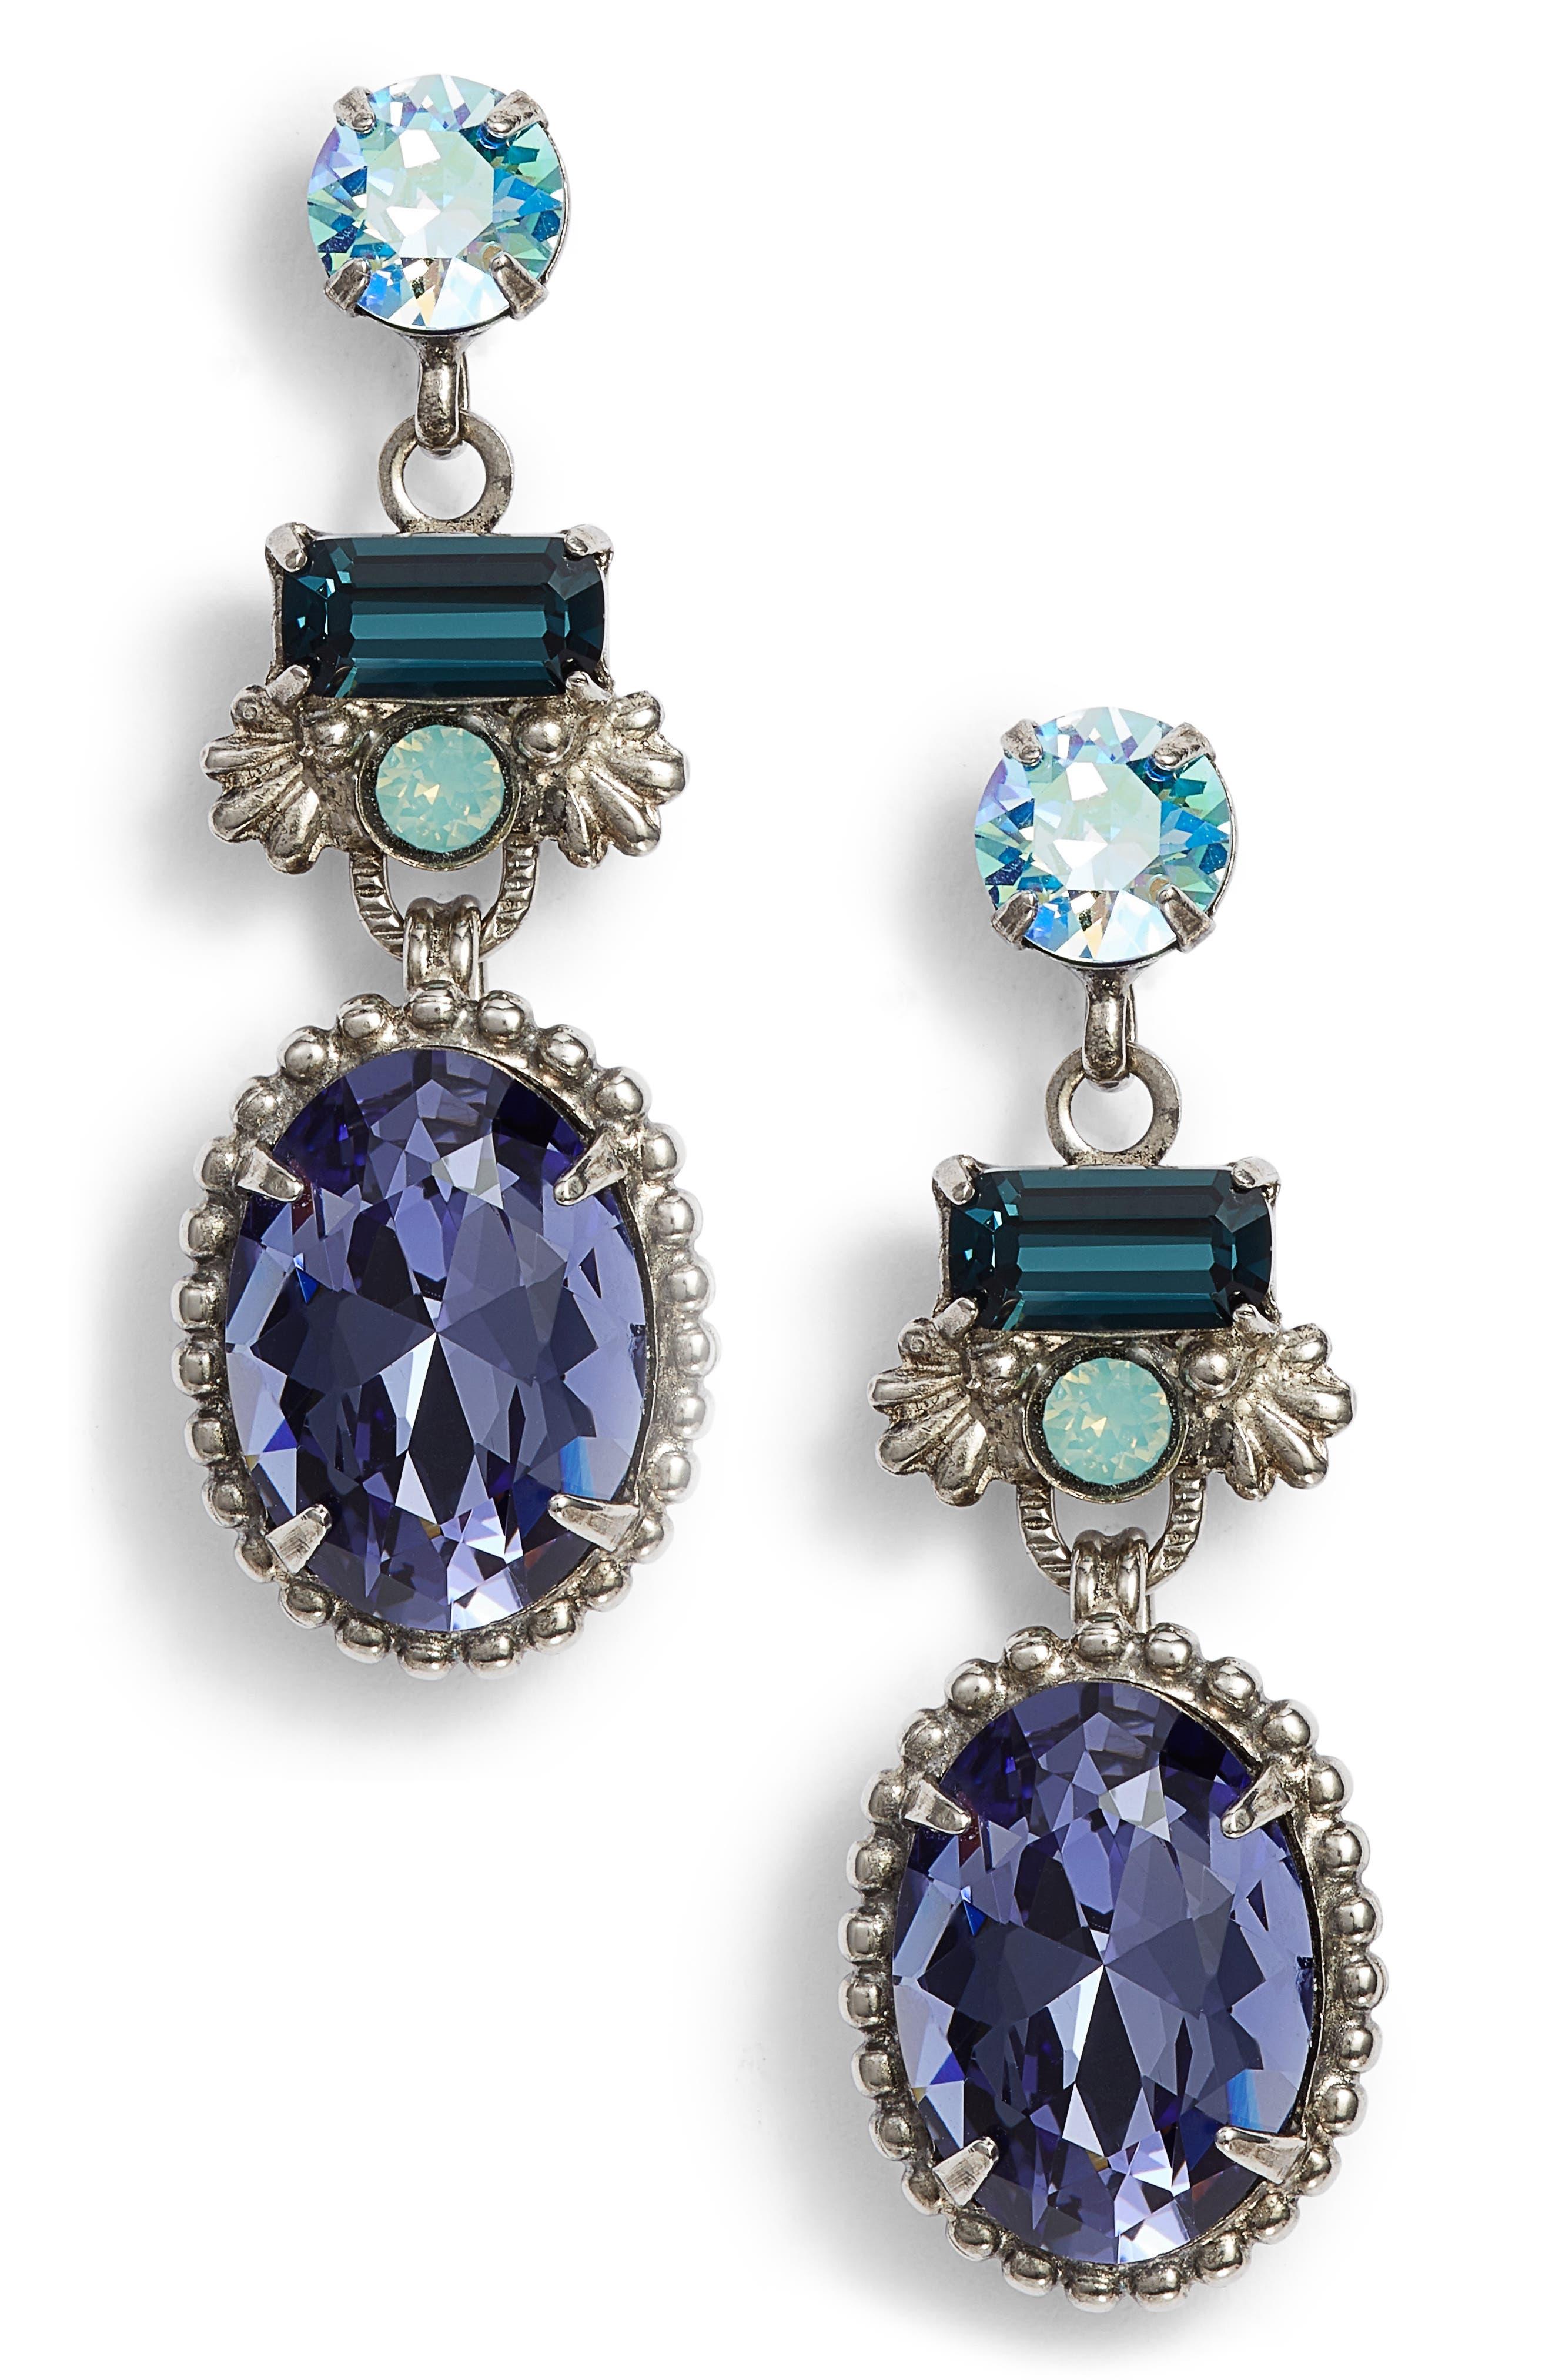 Bergenia Crystal Drop Earrings,                             Main thumbnail 1, color,                             PURPLE/ BLUE